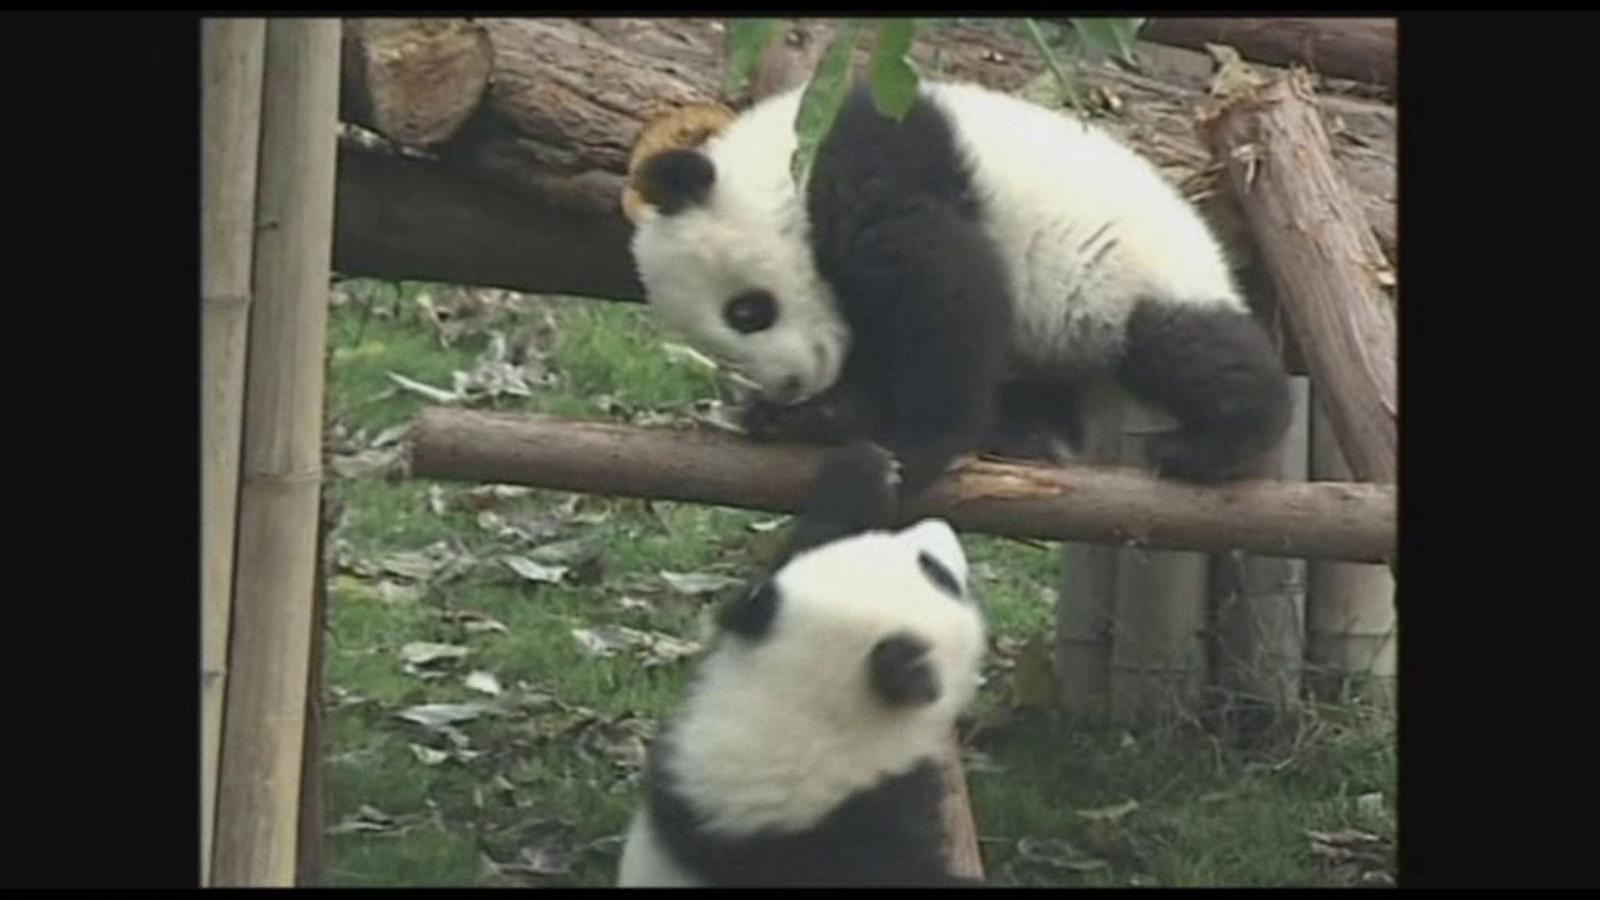 Dos pandes bessons fan les delícies dels visitants al parc de Chengdu, la Xina